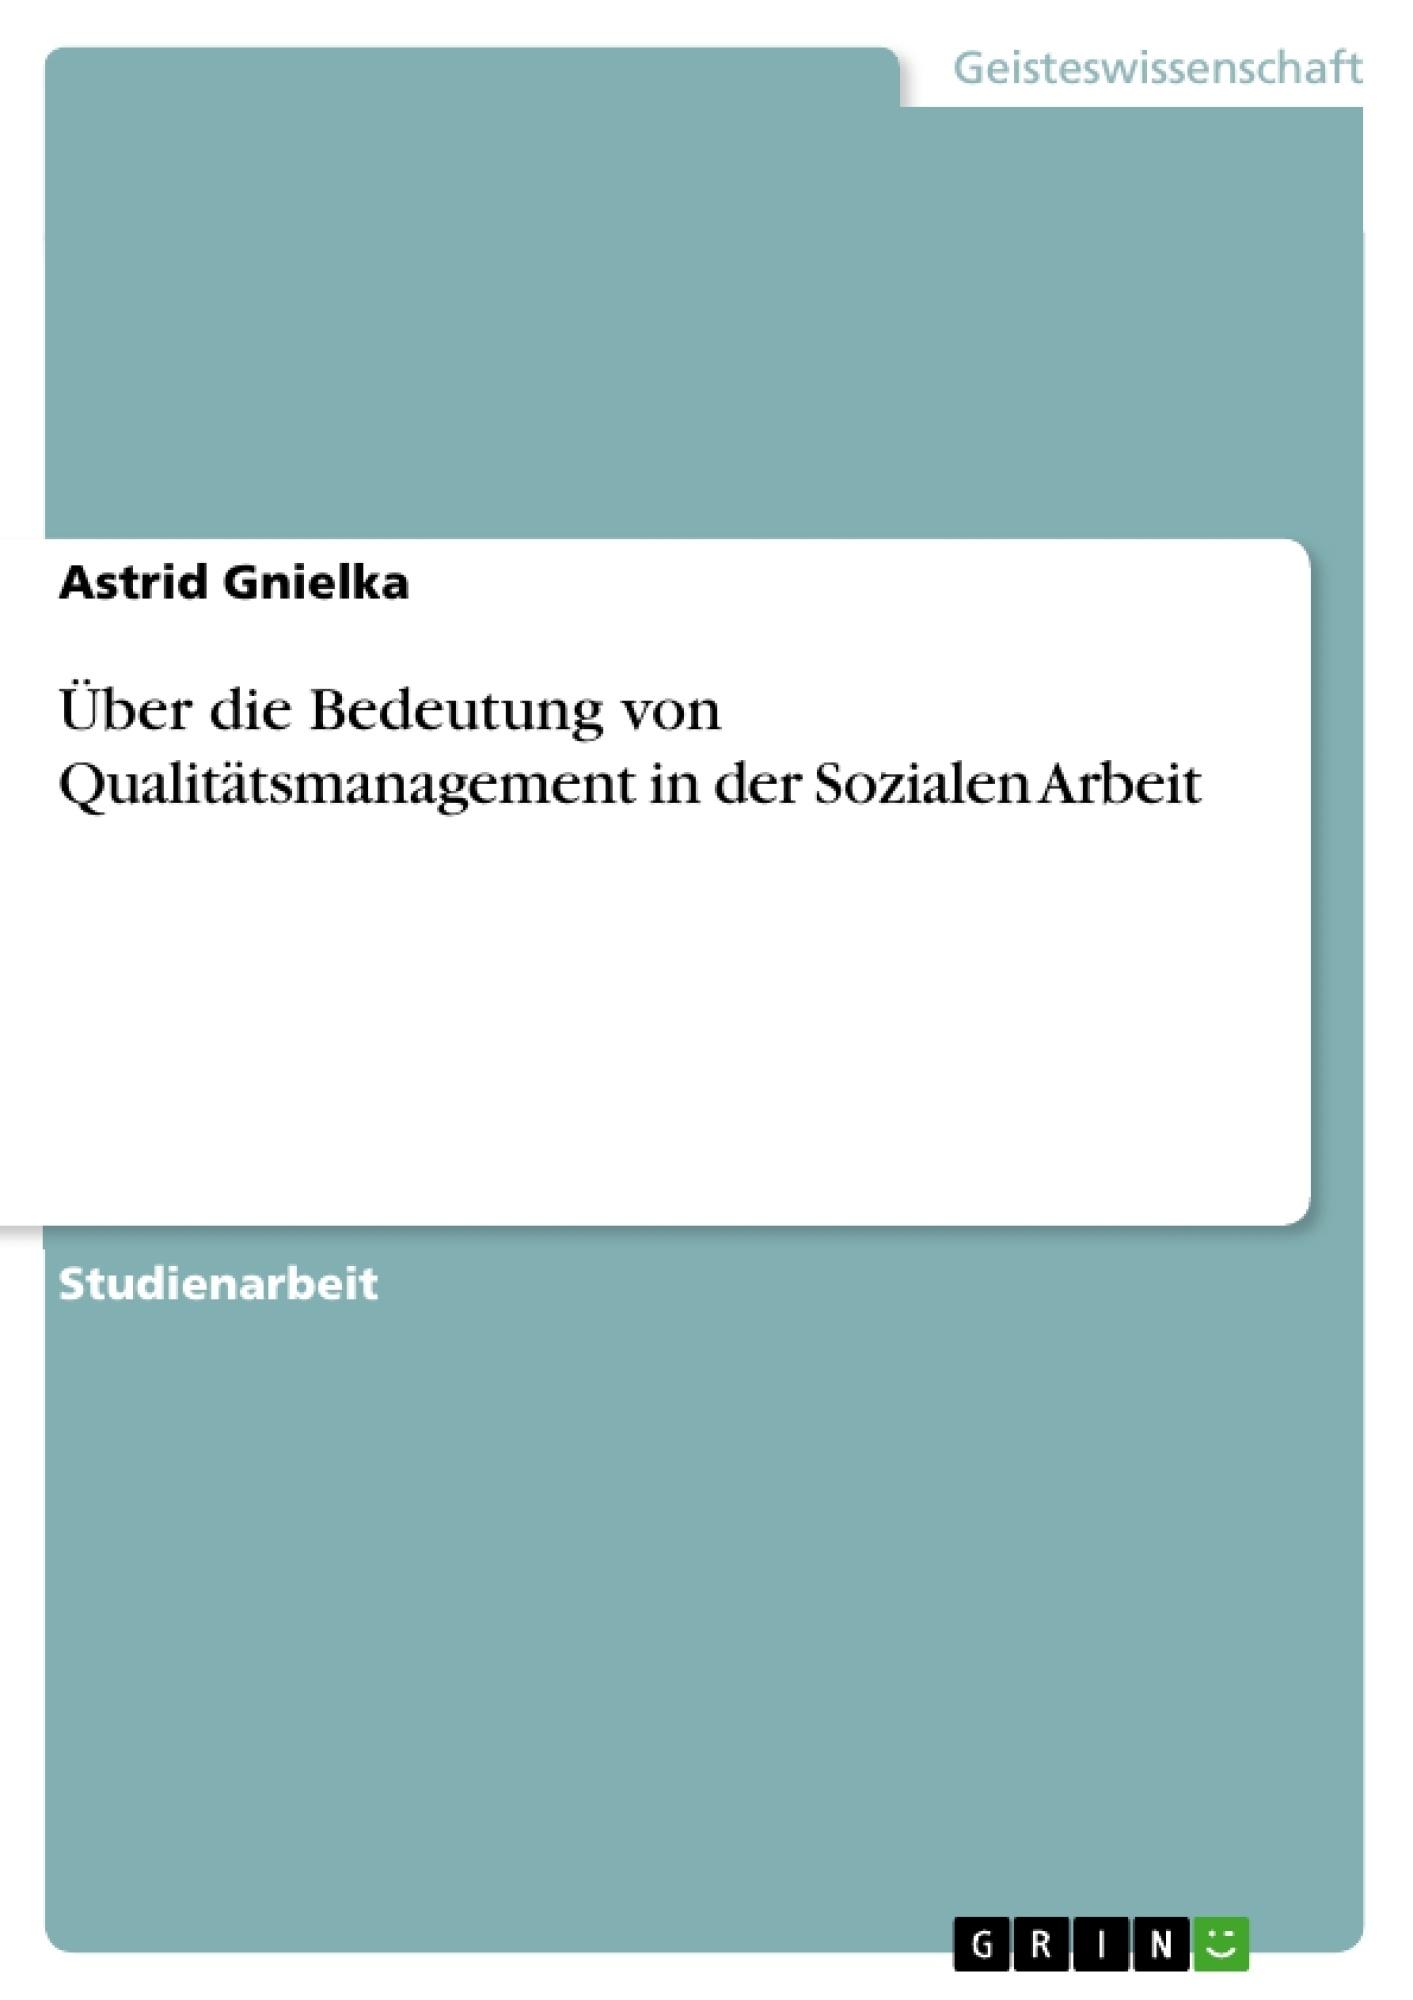 Titel: Über die Bedeutung von Qualitätsmanagement in der Sozialen Arbeit